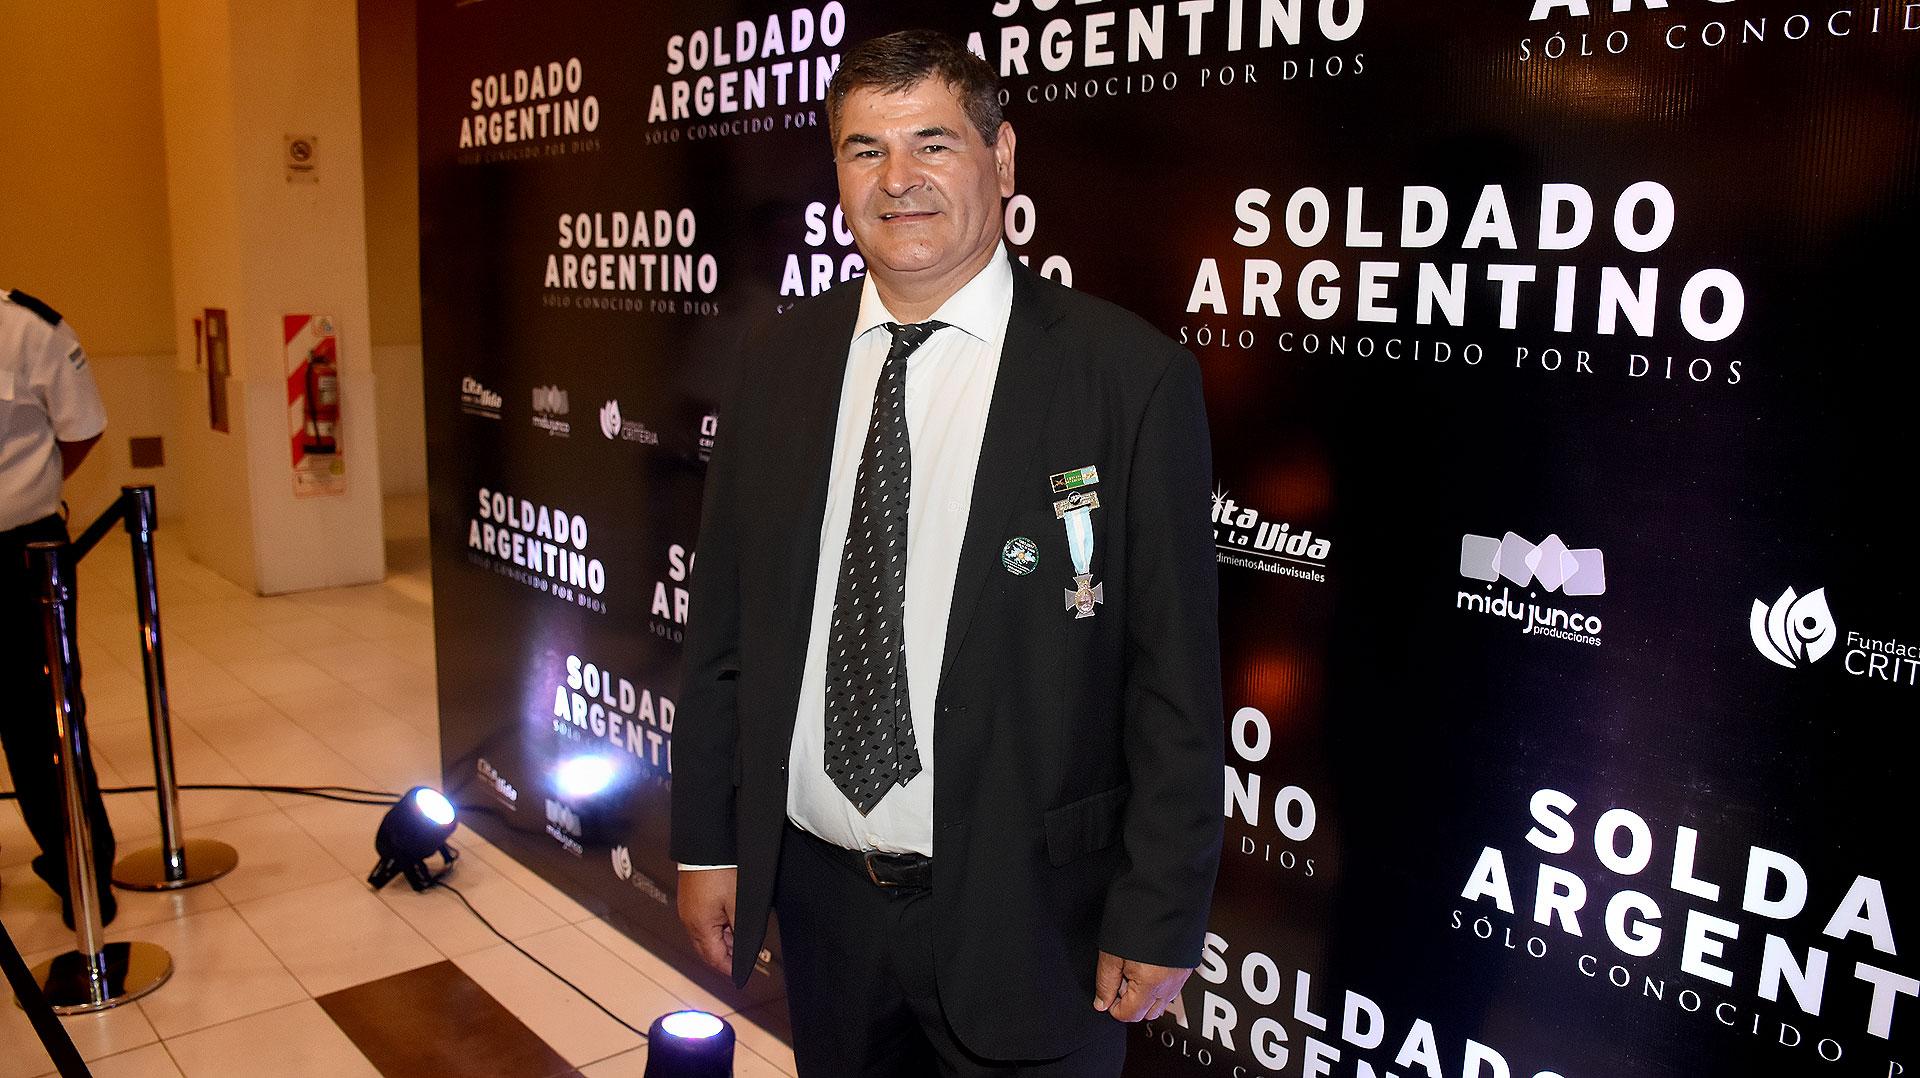 Oscar Poltronieri, ex combatiente condecorado por su valor en la guerra